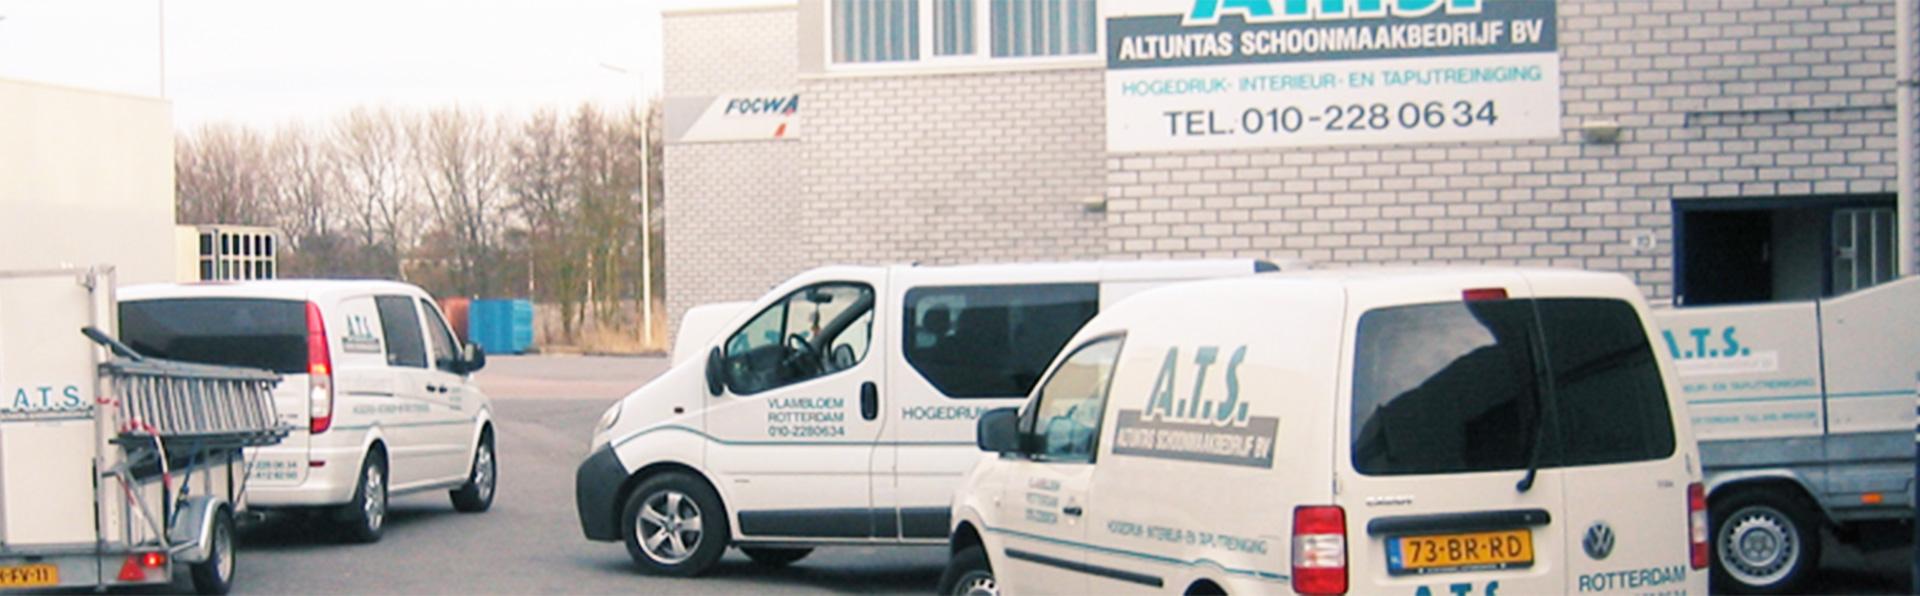 Schoonmaakbedrijf-Eindhoven-ATS-header